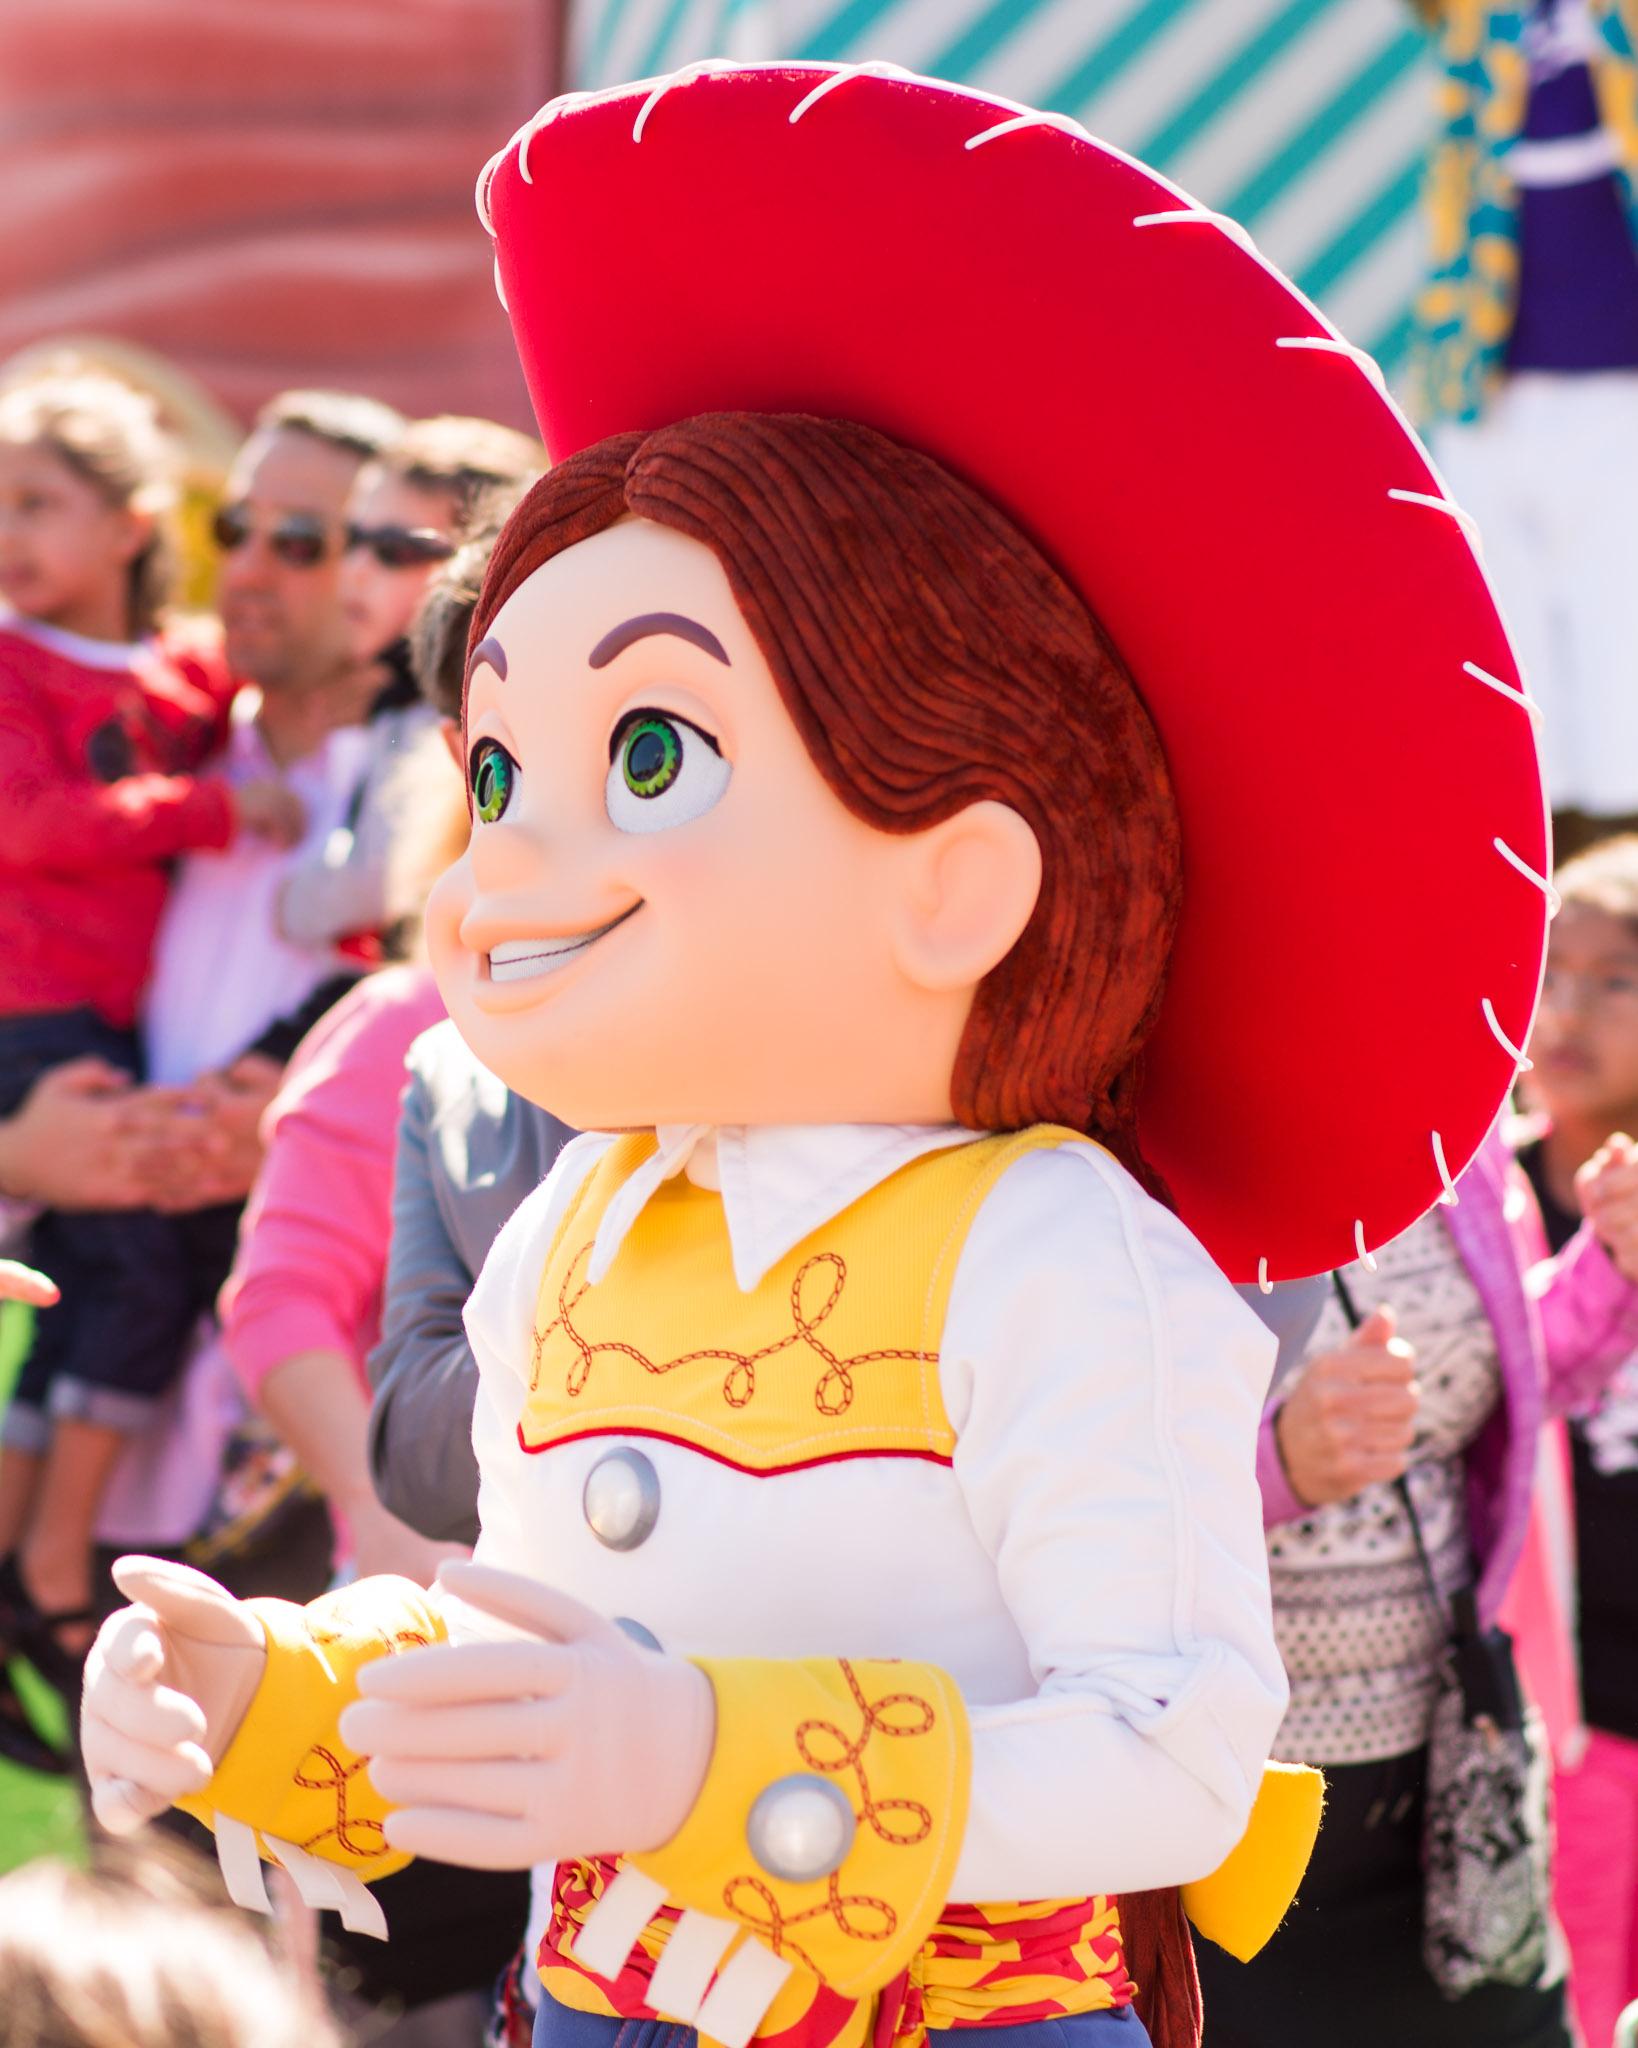 Toy Story Jessie - Walt Disney World Magic Kingdom